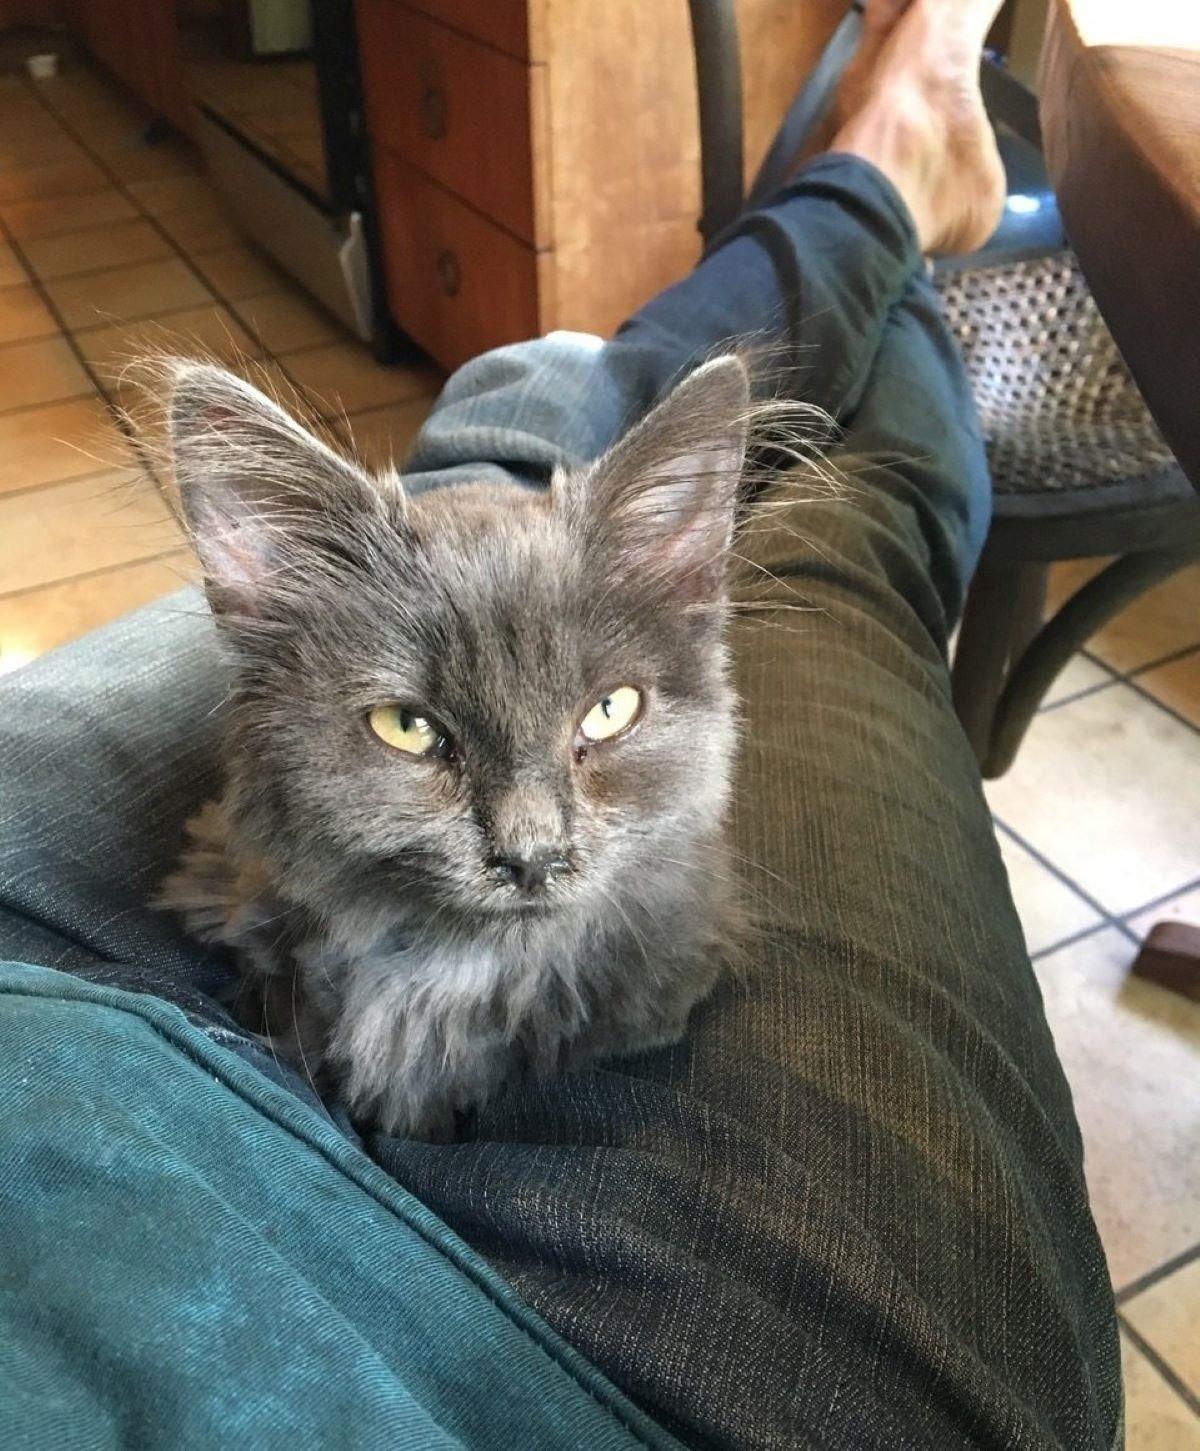 gatto-sulle-ginocchia-di-uomo